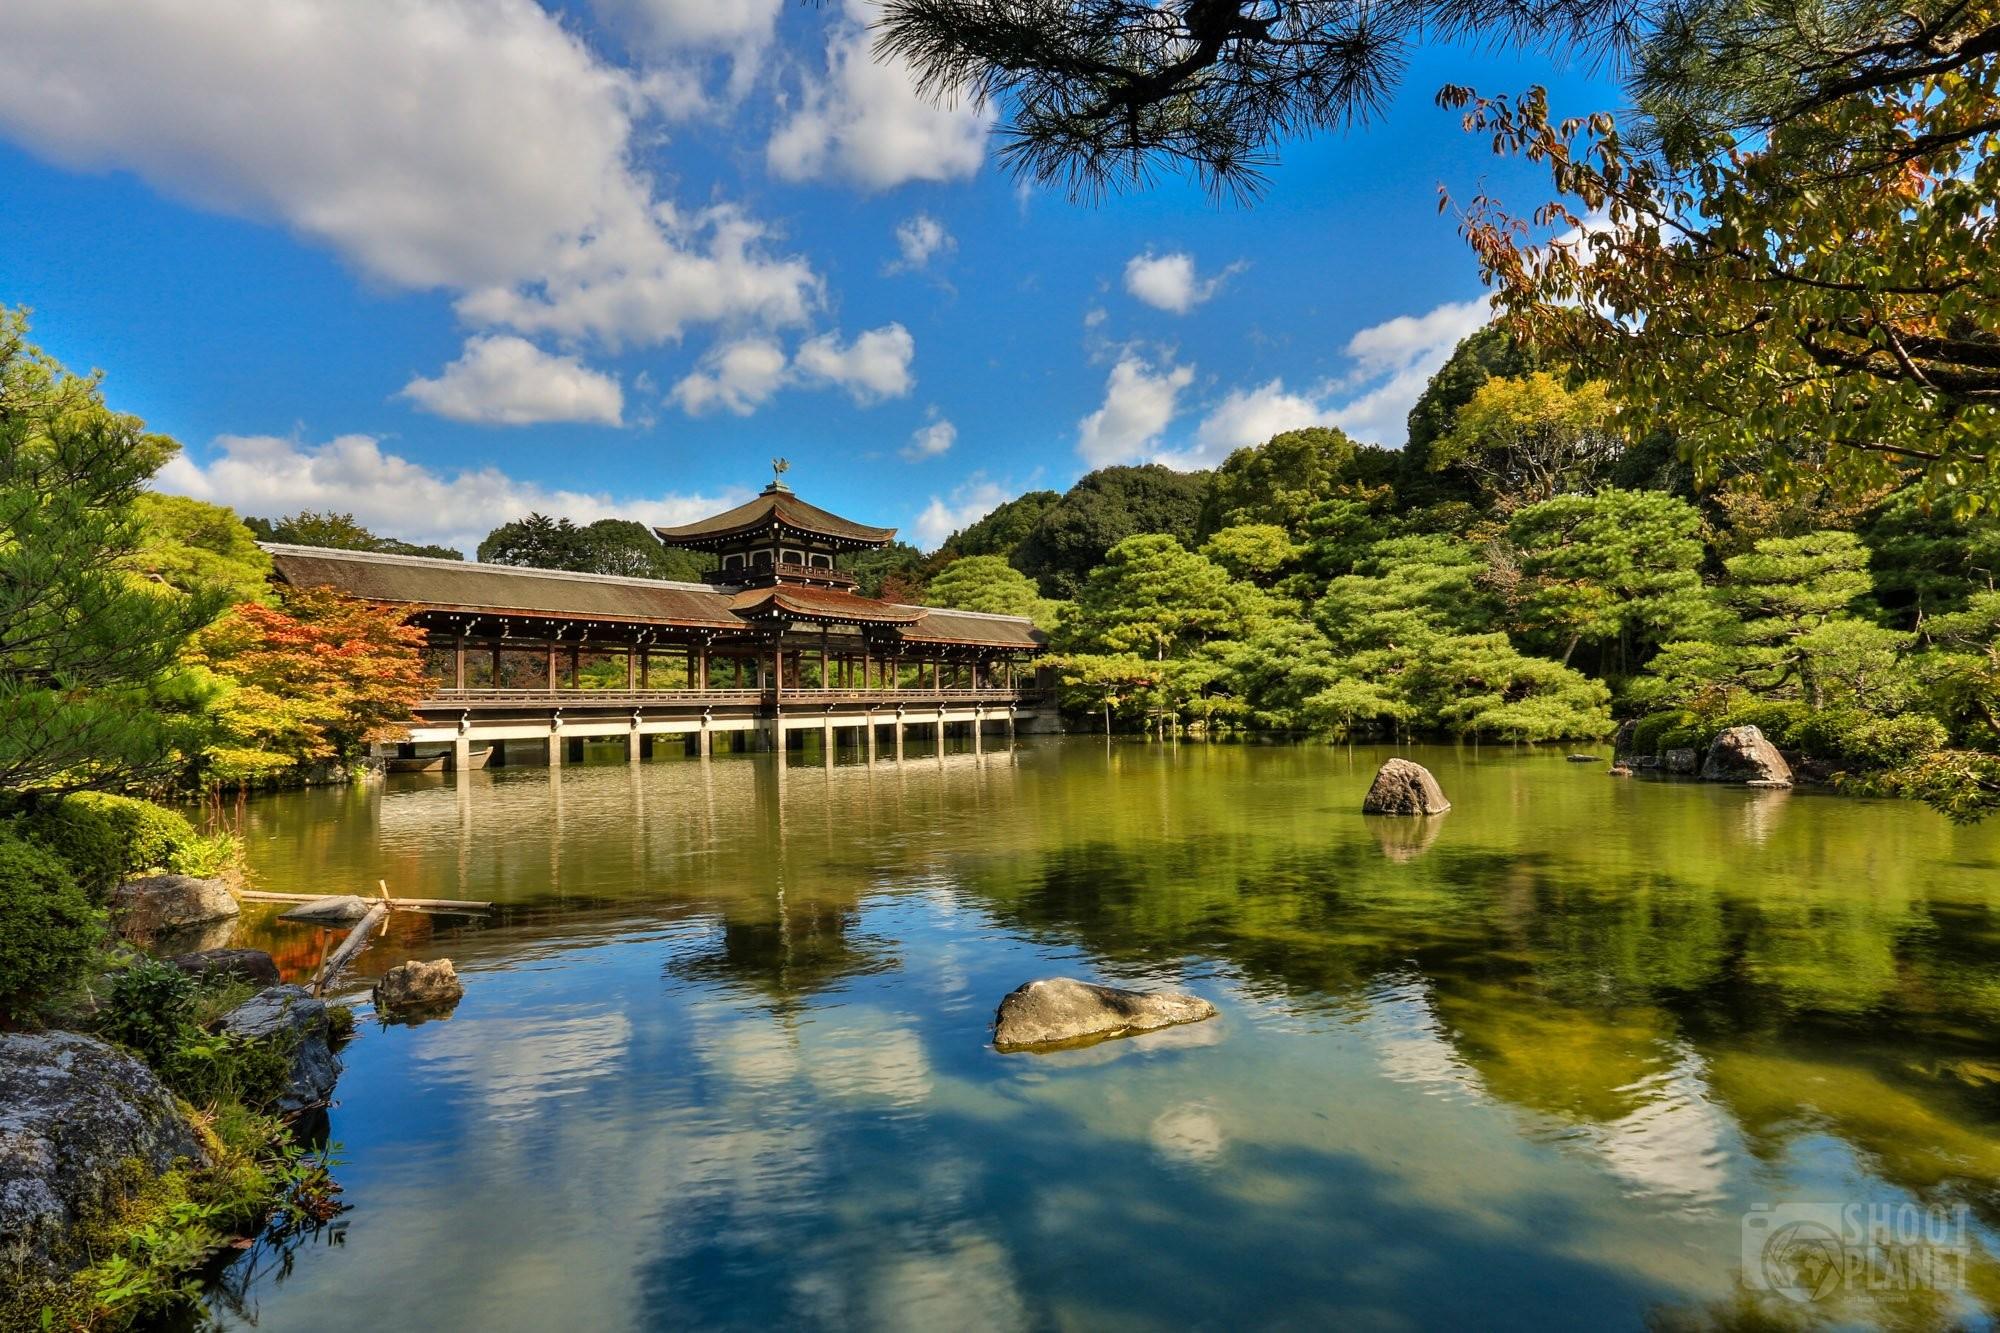 Taihei-kaku bridge and garden in Kyoto